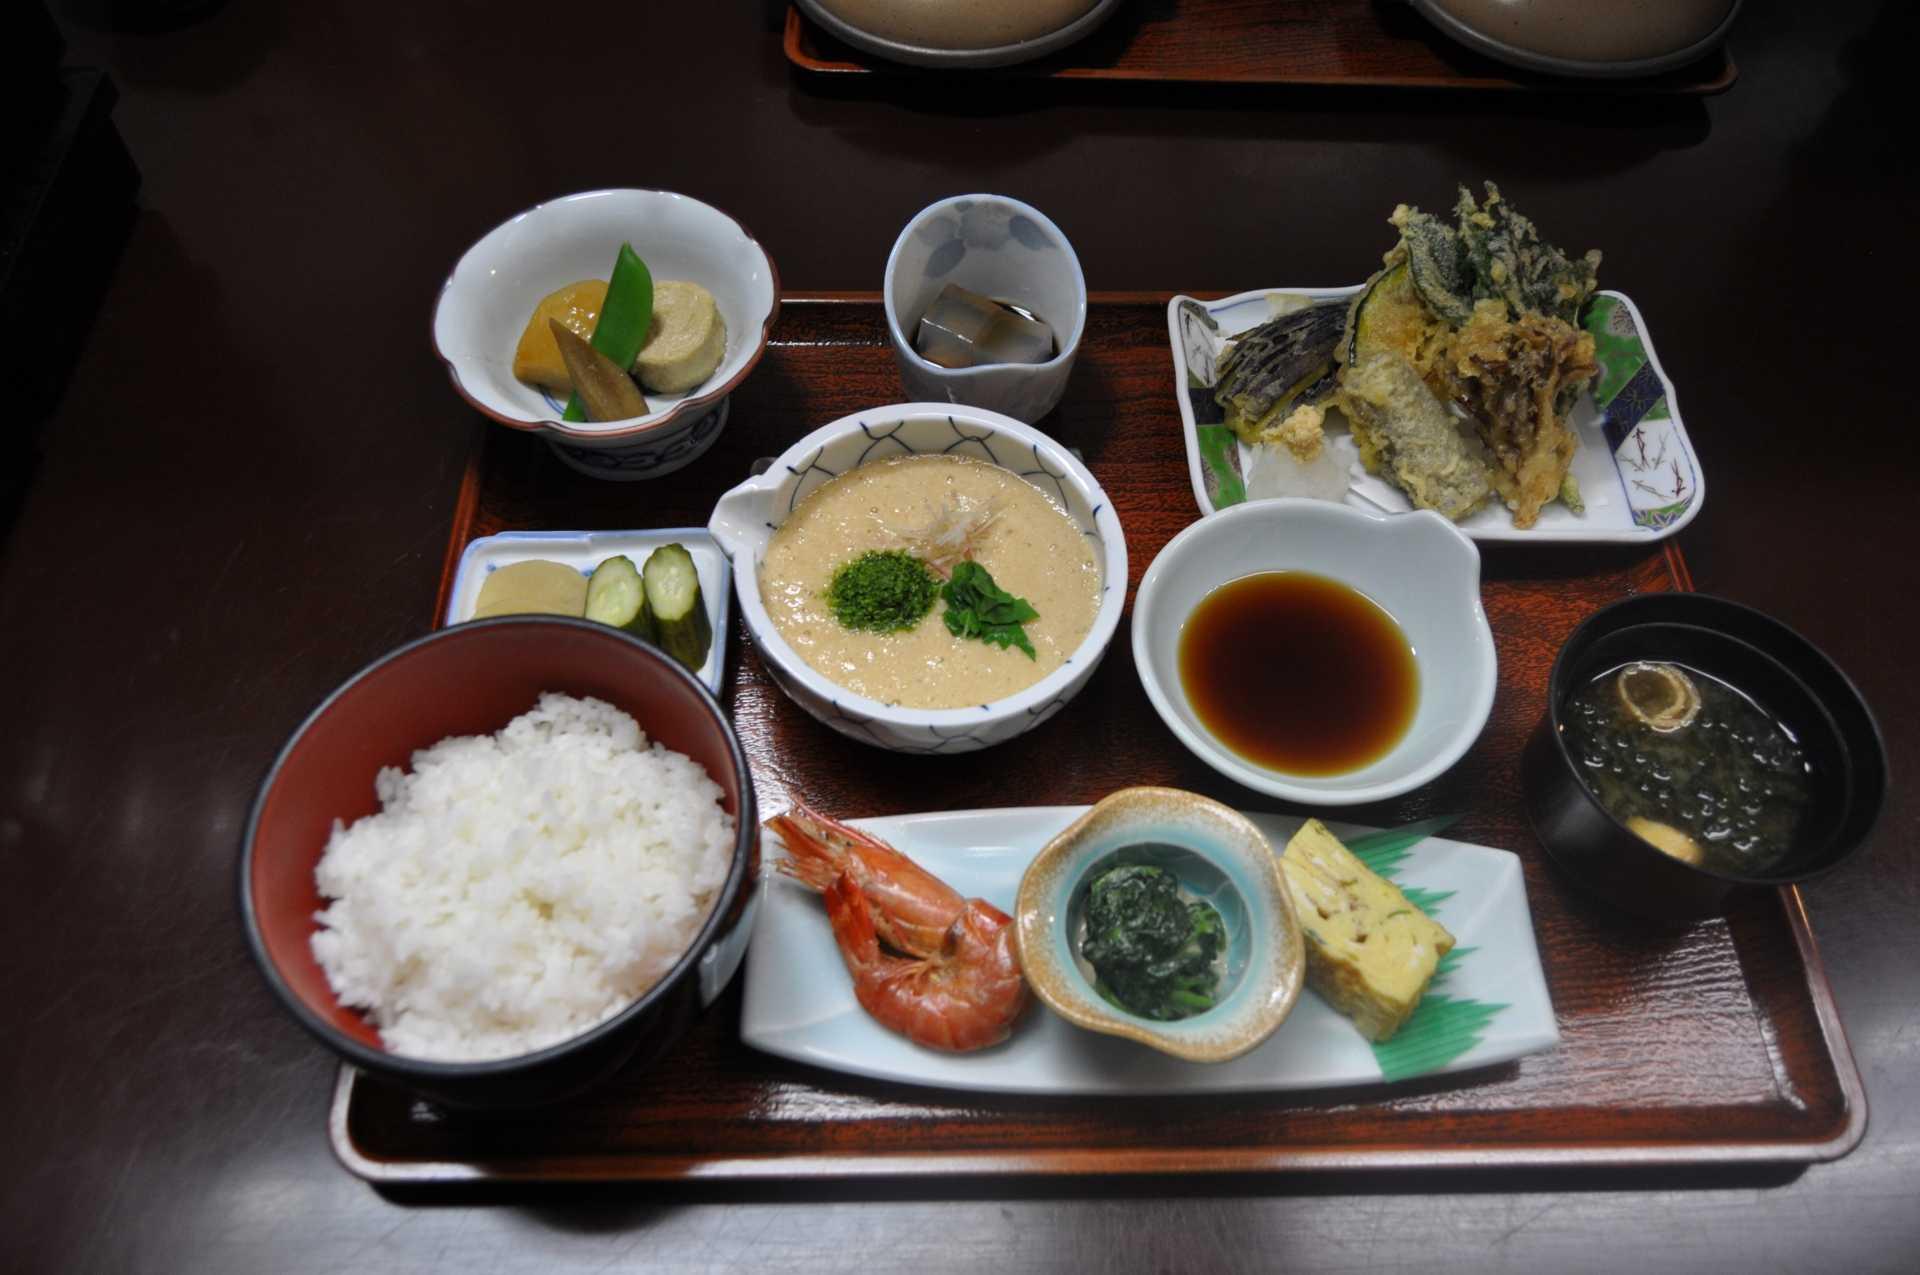 箱根山とろろ飯御膳